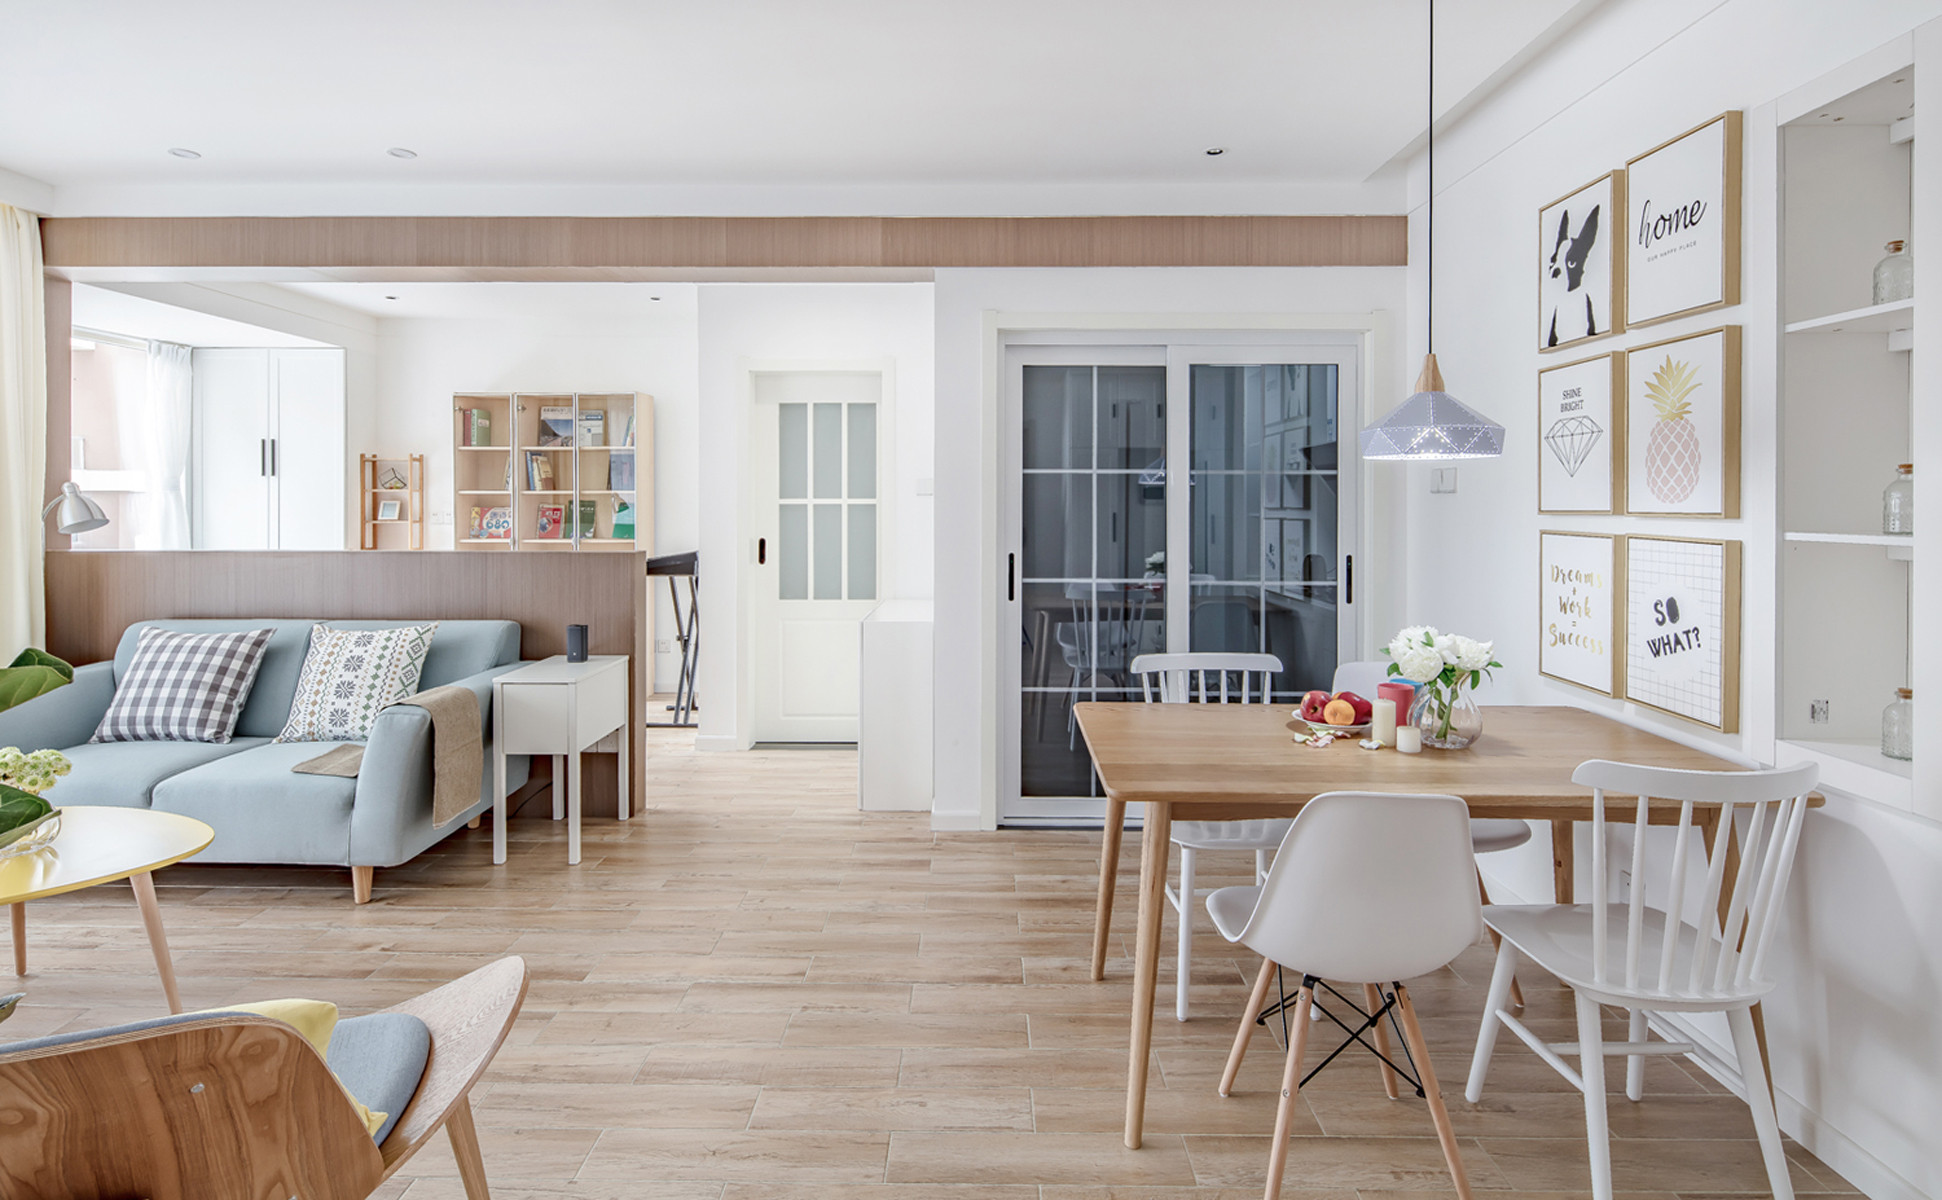 简约北欧风格三居室客餐厅装修效果图